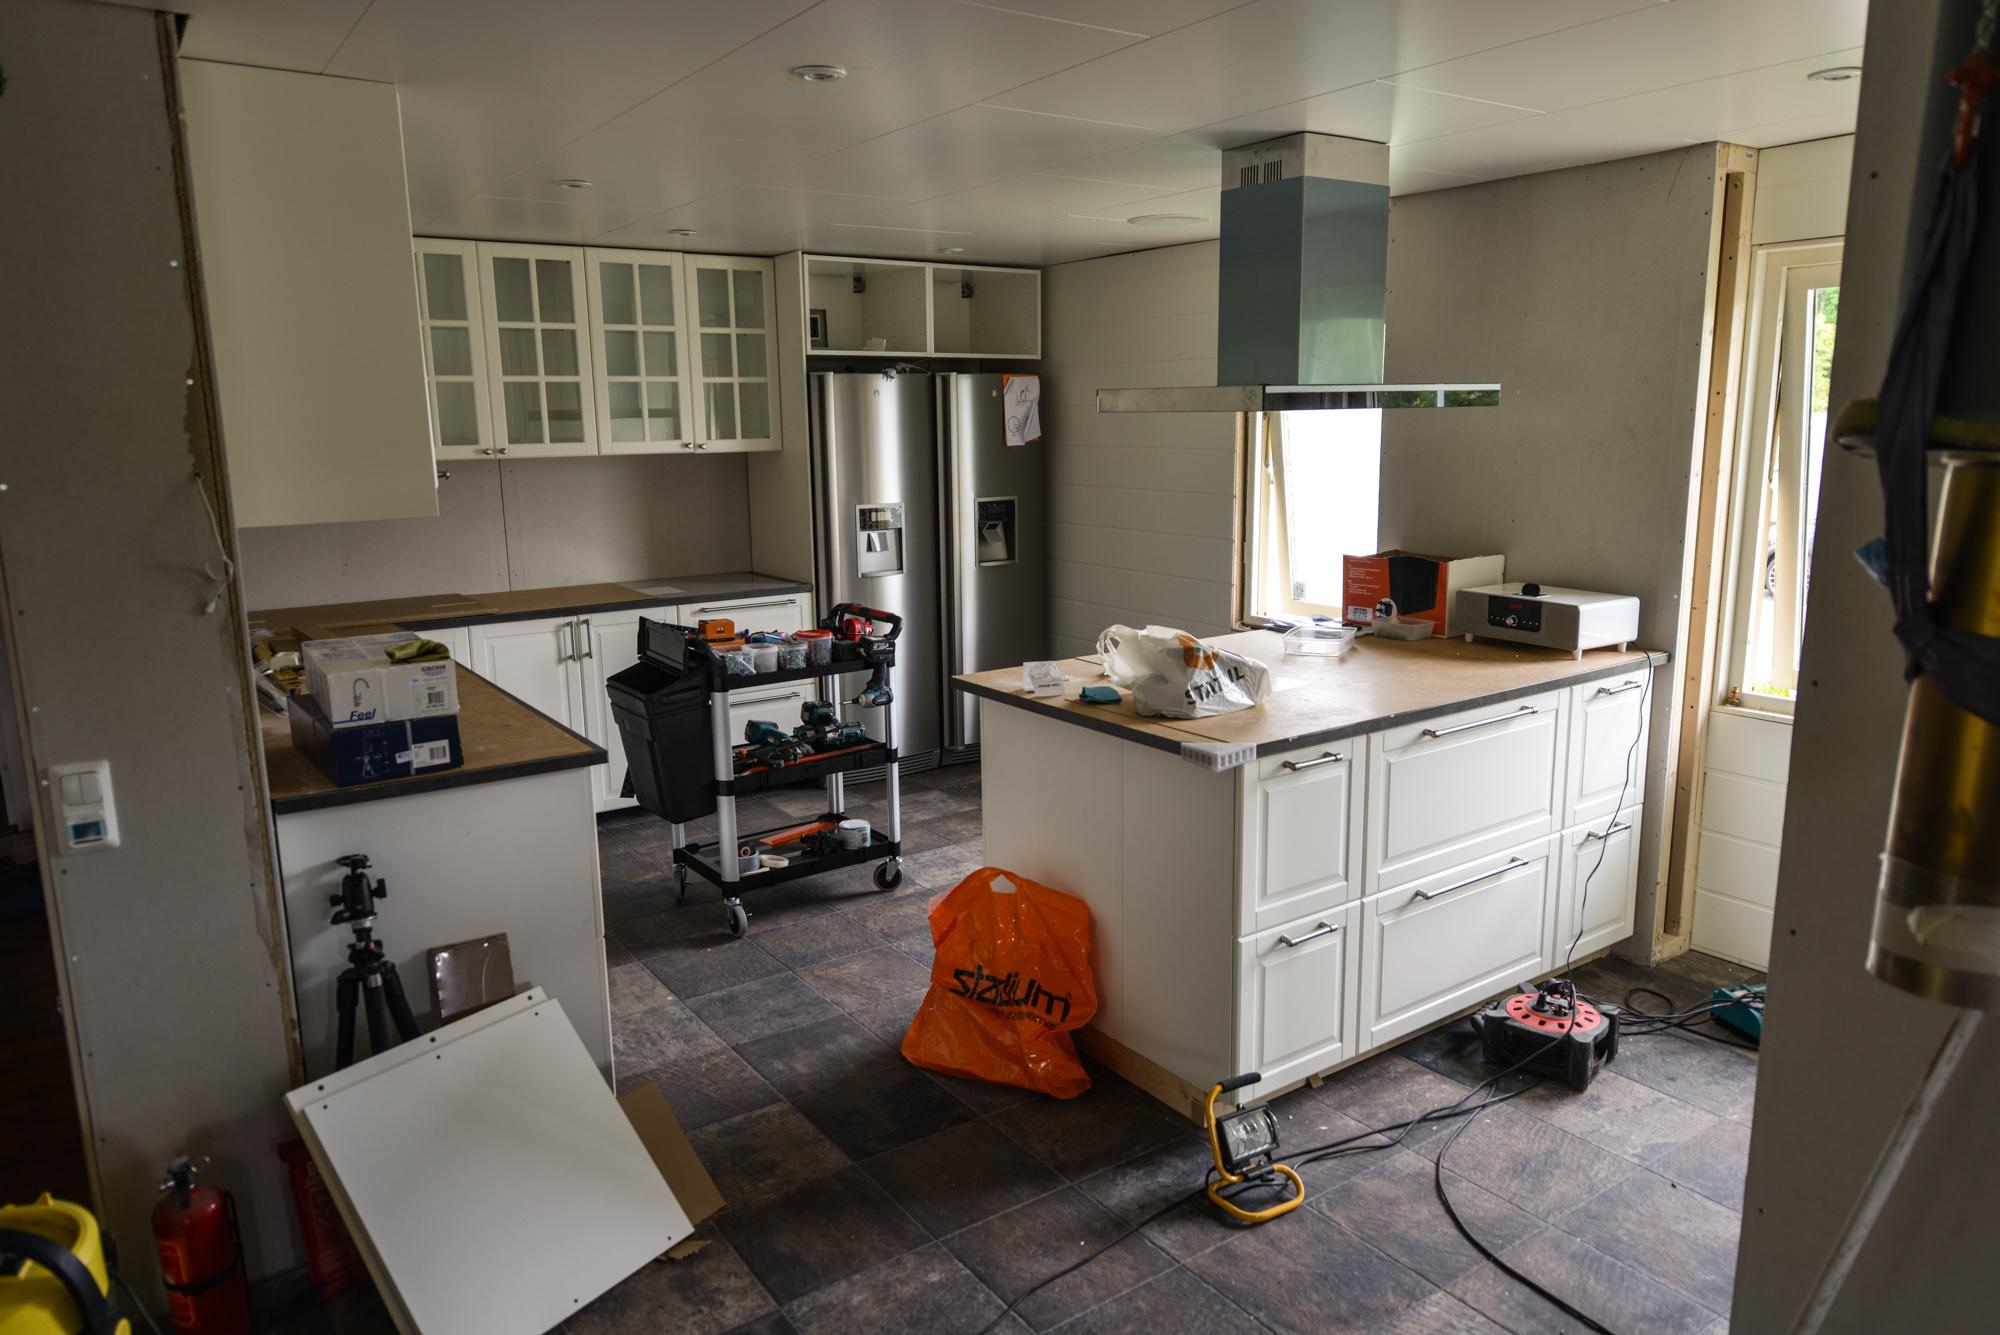 Vår köksrenovering, steg för steg